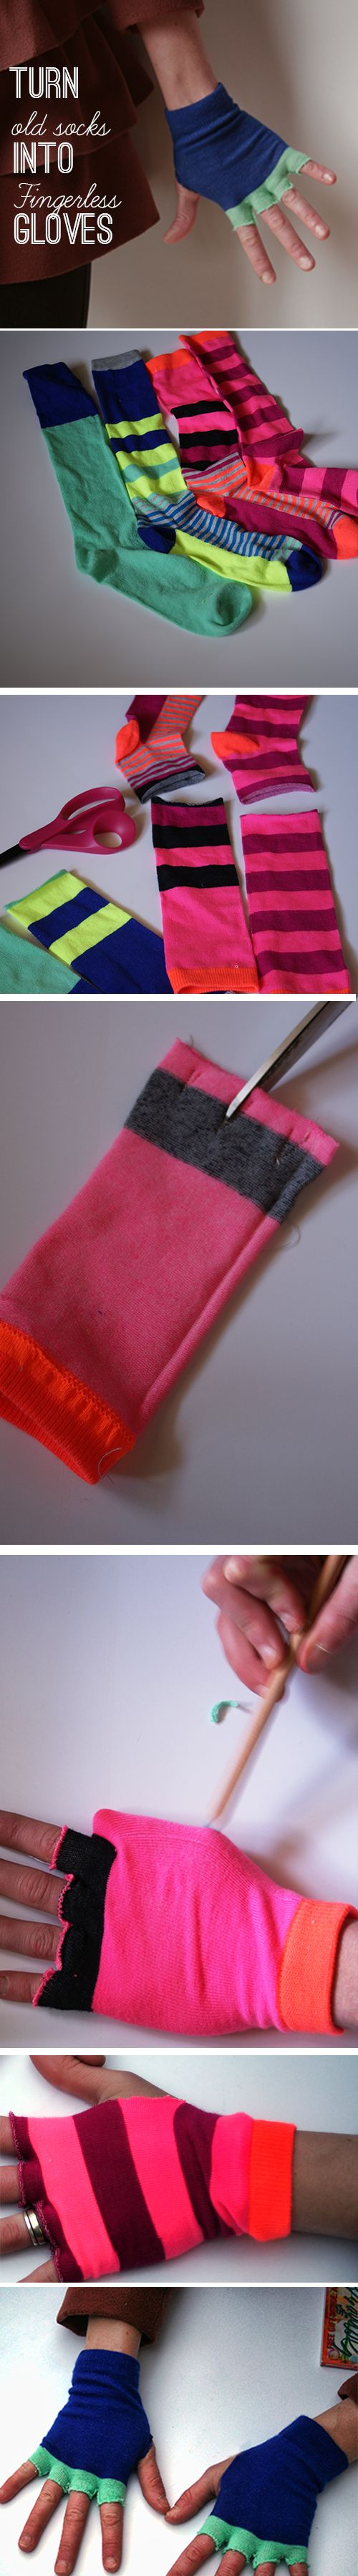 {DIY Super EASY Fingerless Gloves} from Old Socks!